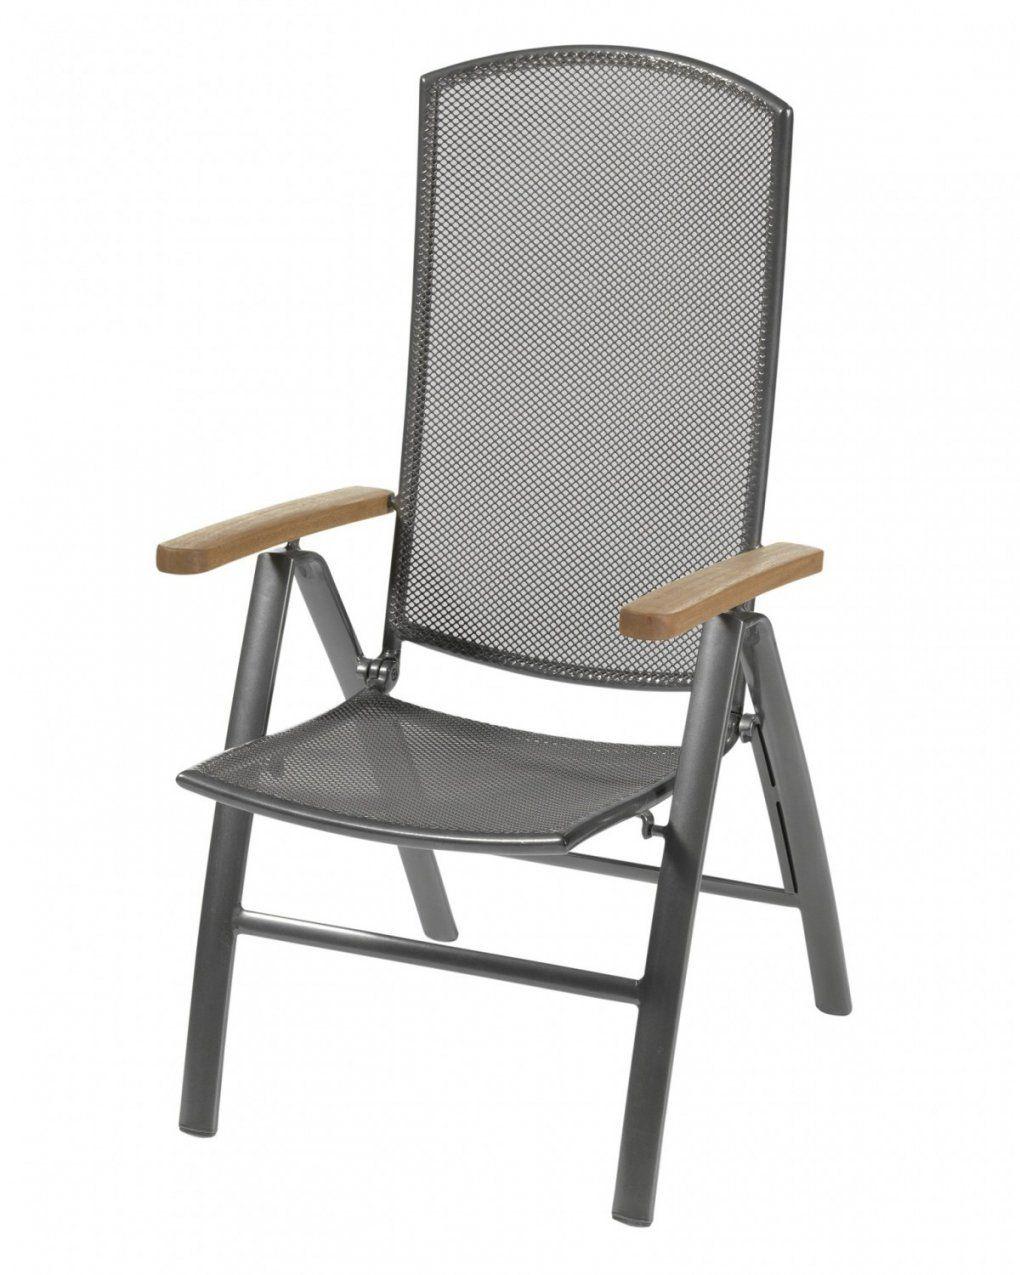 Großzügig Gartenstühle Metall Dänisches Bettenlager Zeitgenössisch von Gartenstühle Metall Dänisches Bettenlager Bild